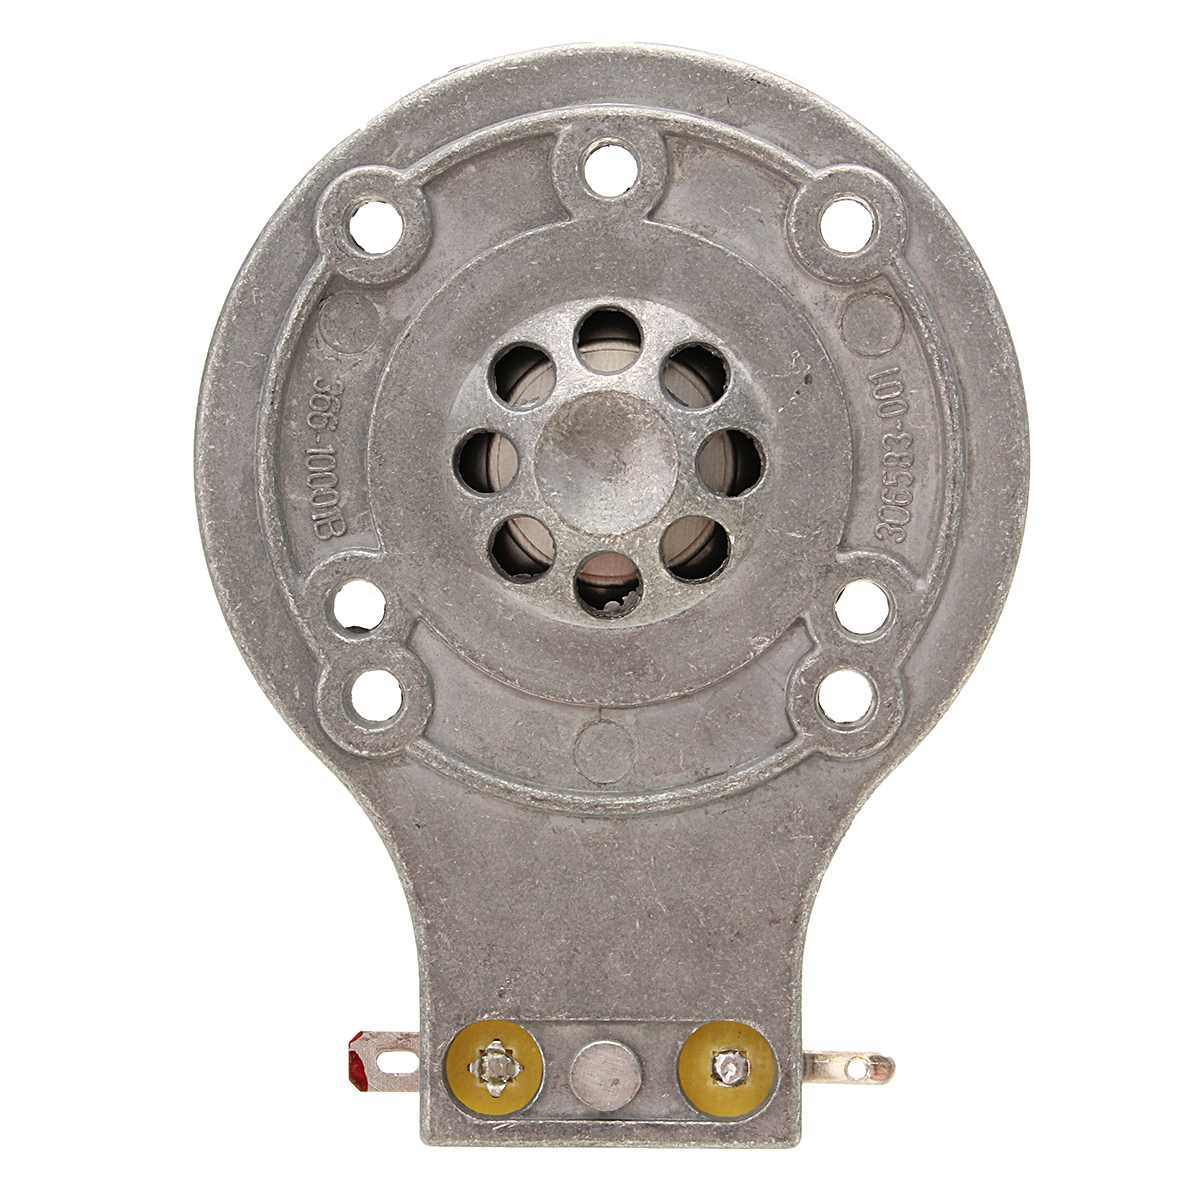 Diafragma de repuesto de altavoz 68mm 8Ohm para JBL2412 2412H 2412H-1 JRX SF TR modelos de altavoz Unidad de altavoz de diafragma